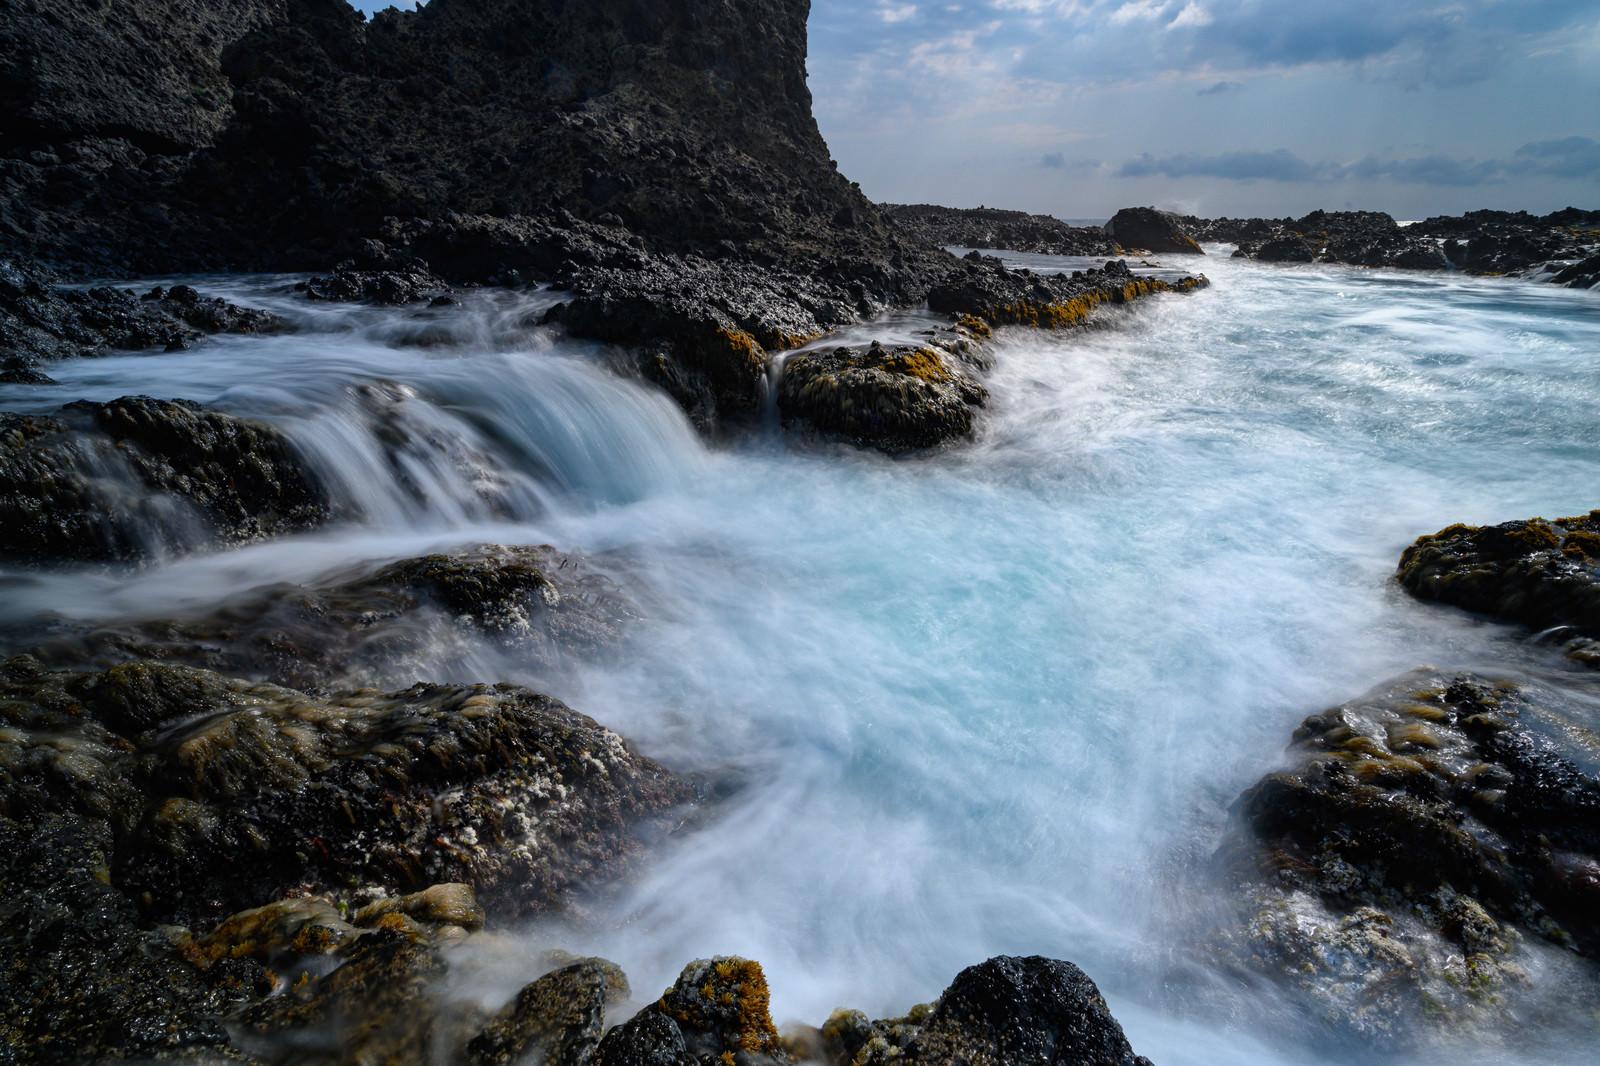 「岩礁にダイナミックに迫る波打ち際(北海道積丹町出岬町)」の写真